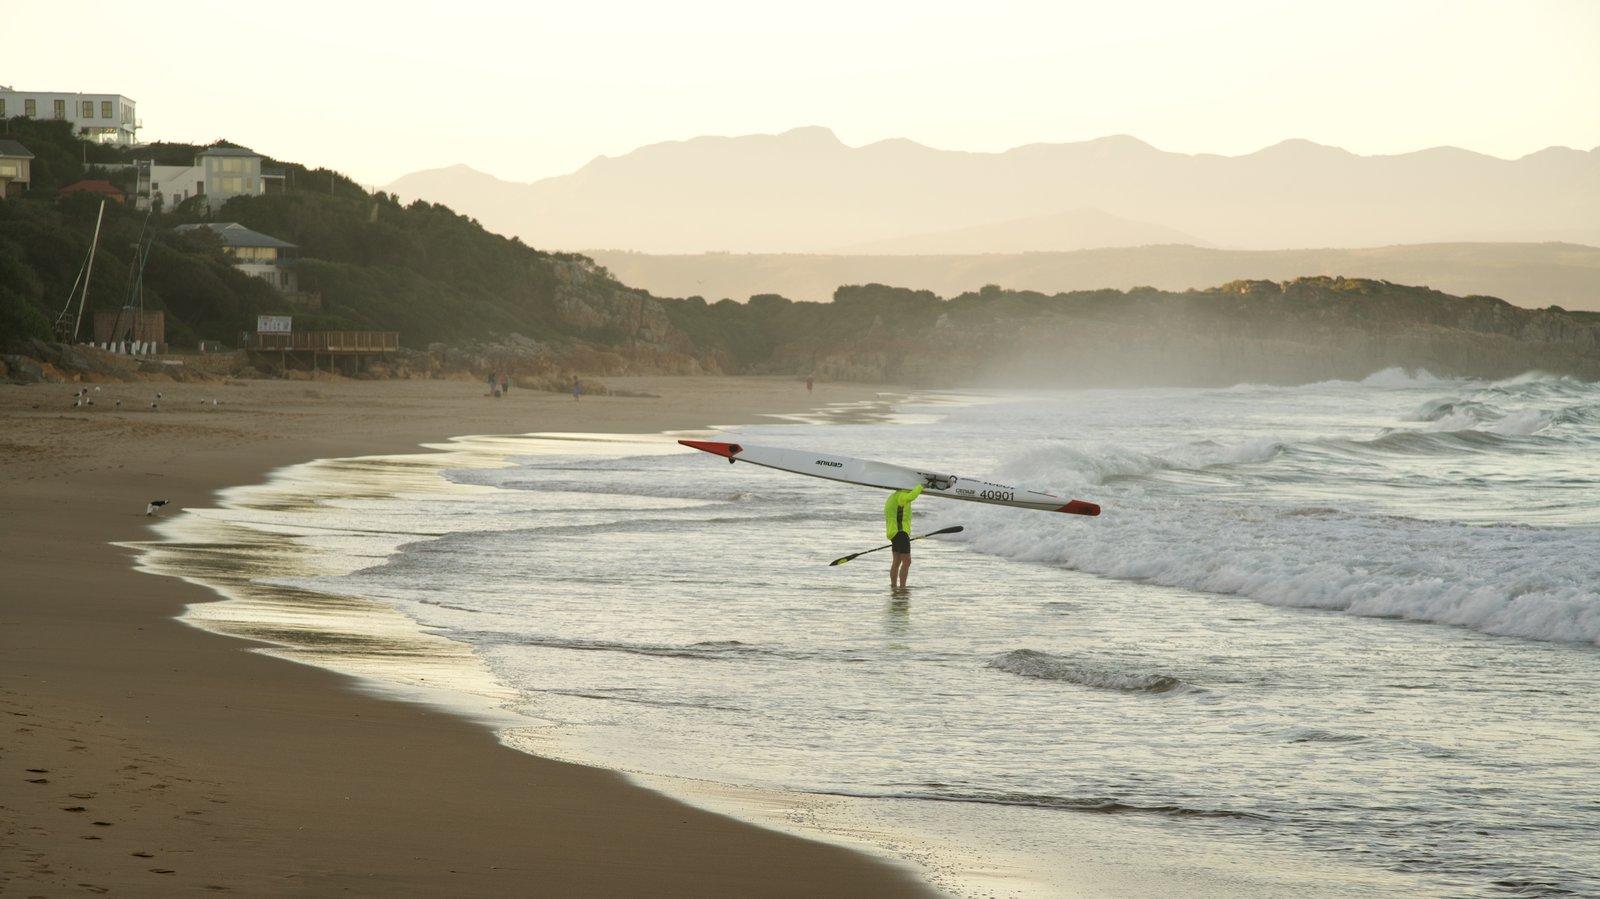 Playa de Plettenberg Bay mostrando kayak o canoa, surf y una playa de arena